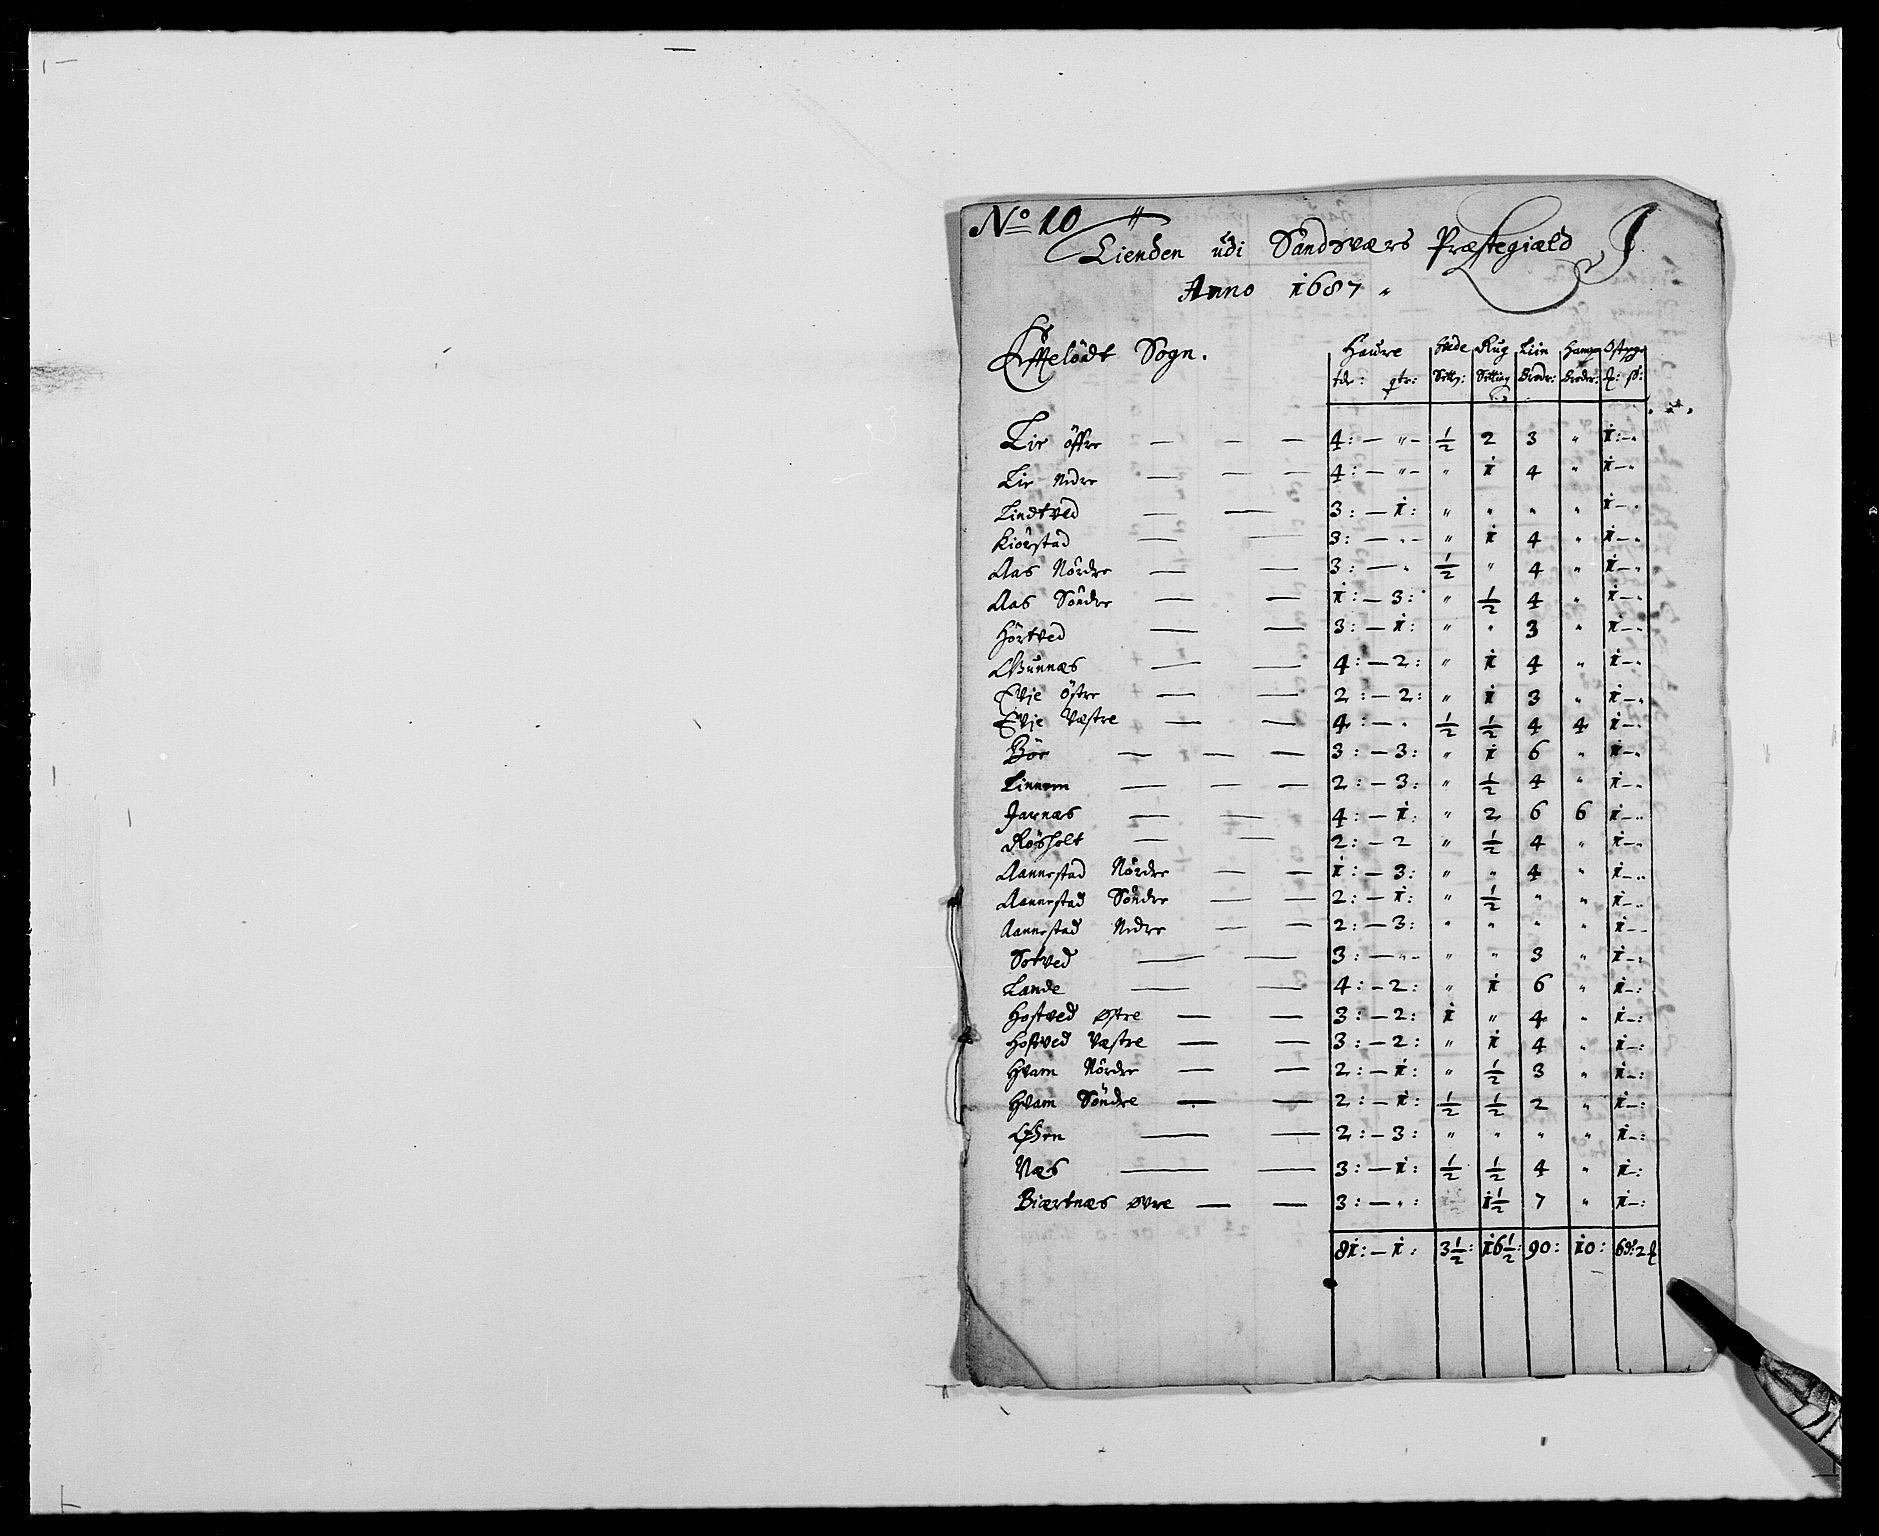 RA, Rentekammeret inntil 1814, Reviderte regnskaper, Fogderegnskap, R24/L1573: Fogderegnskap Numedal og Sandsvær, 1687-1691, s. 183